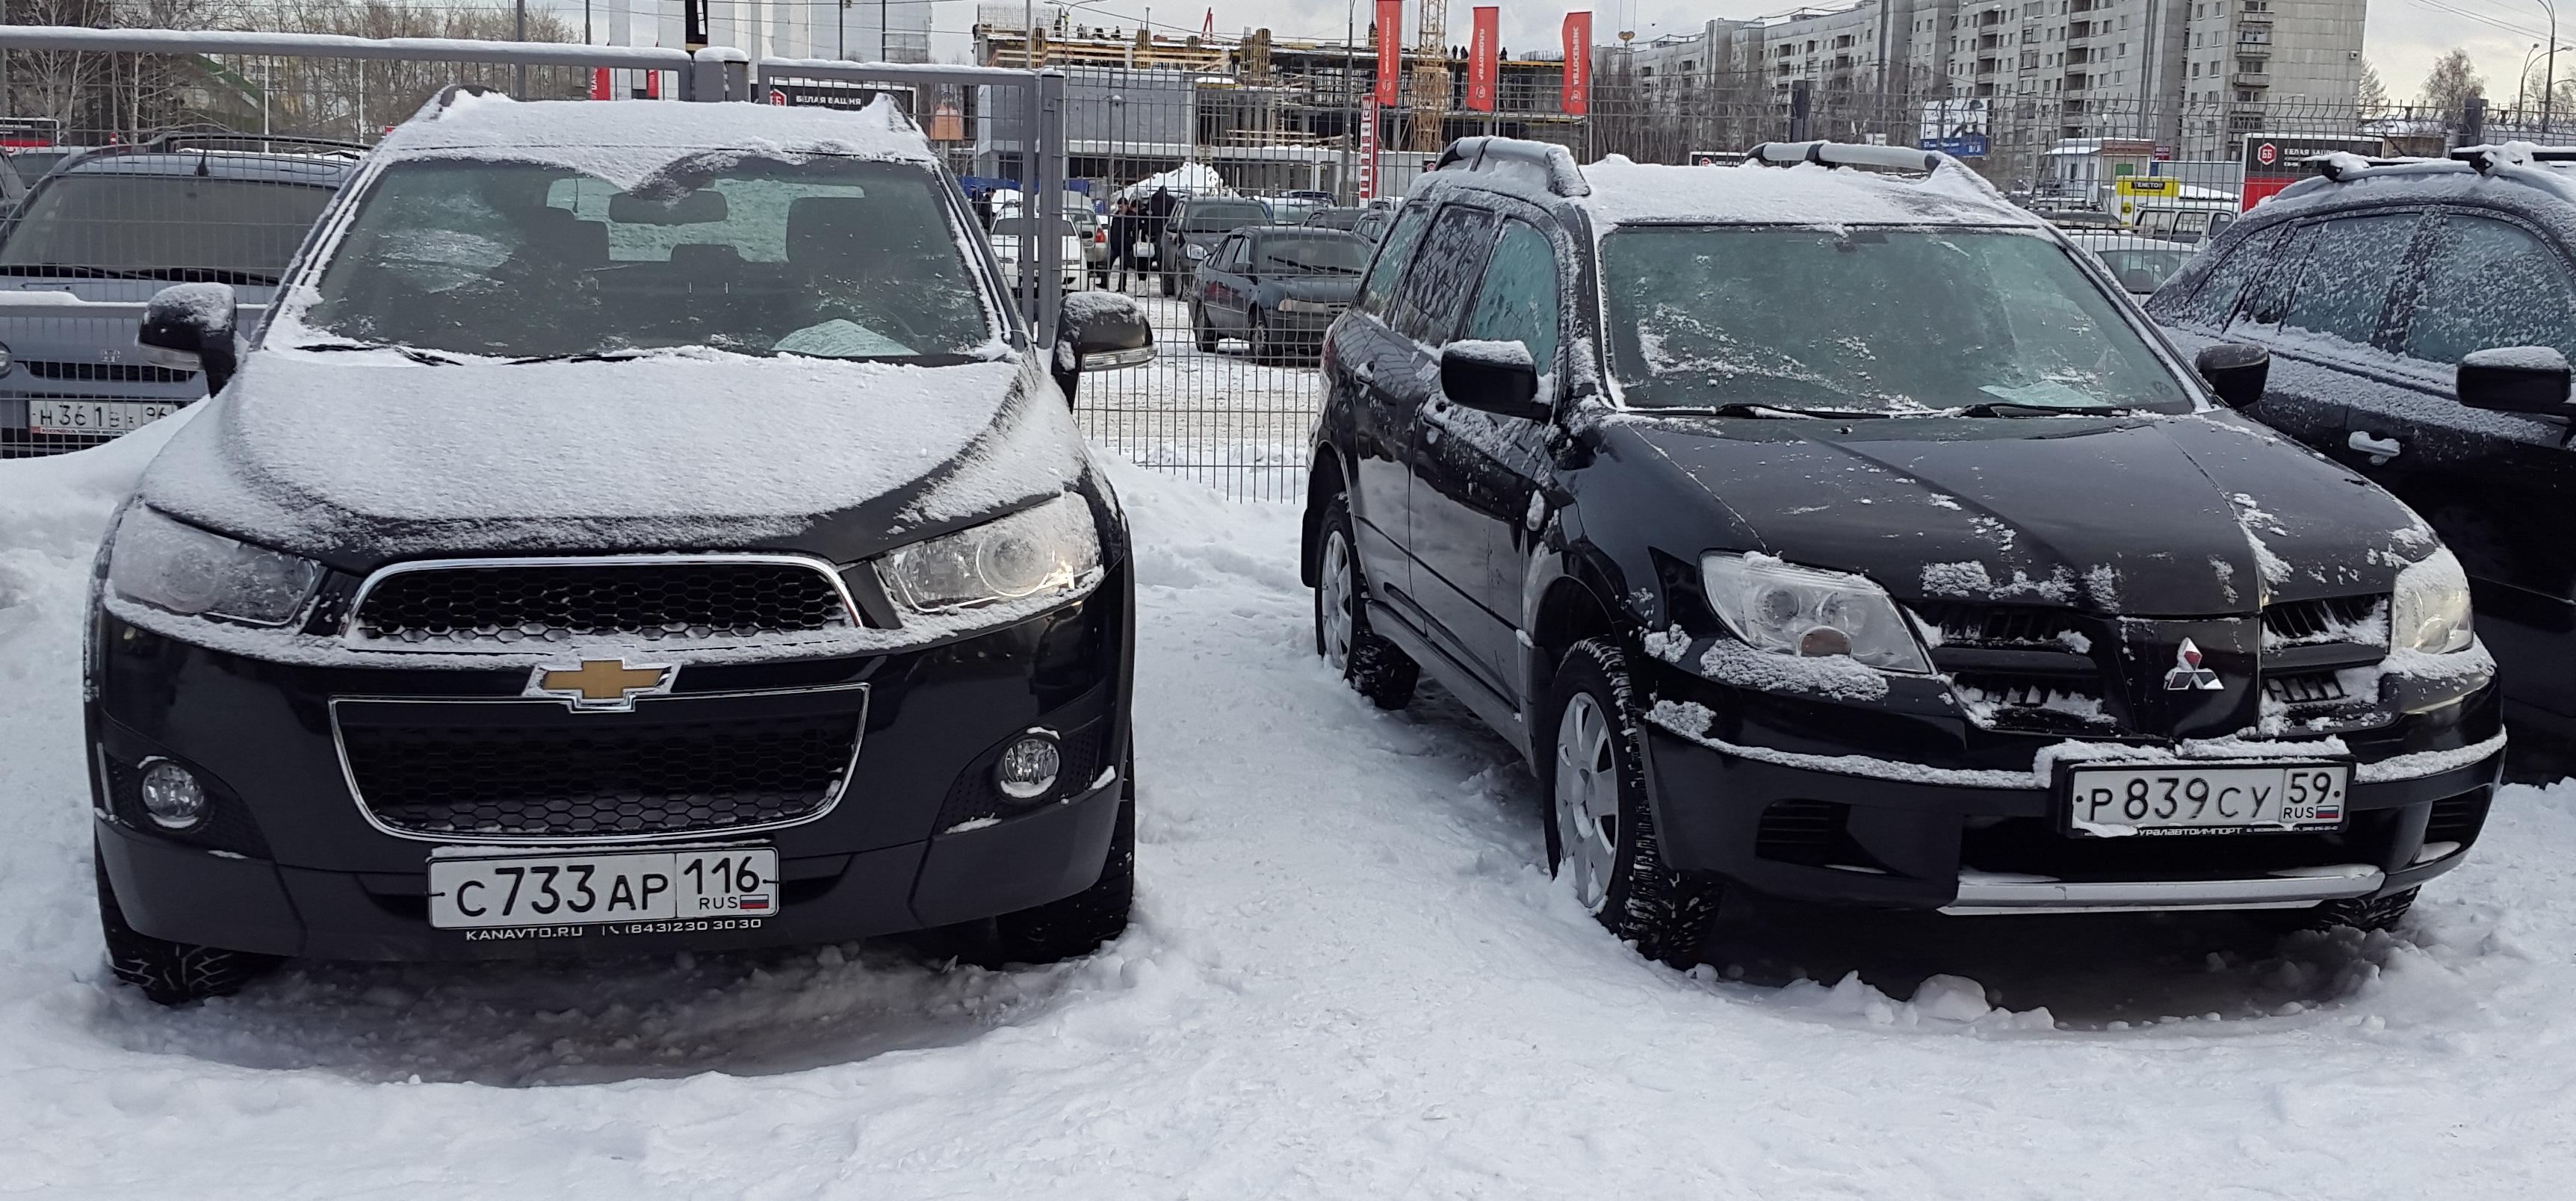 Пора брать: в Екатеринбурге начала дешеветь автомобильная вторичка